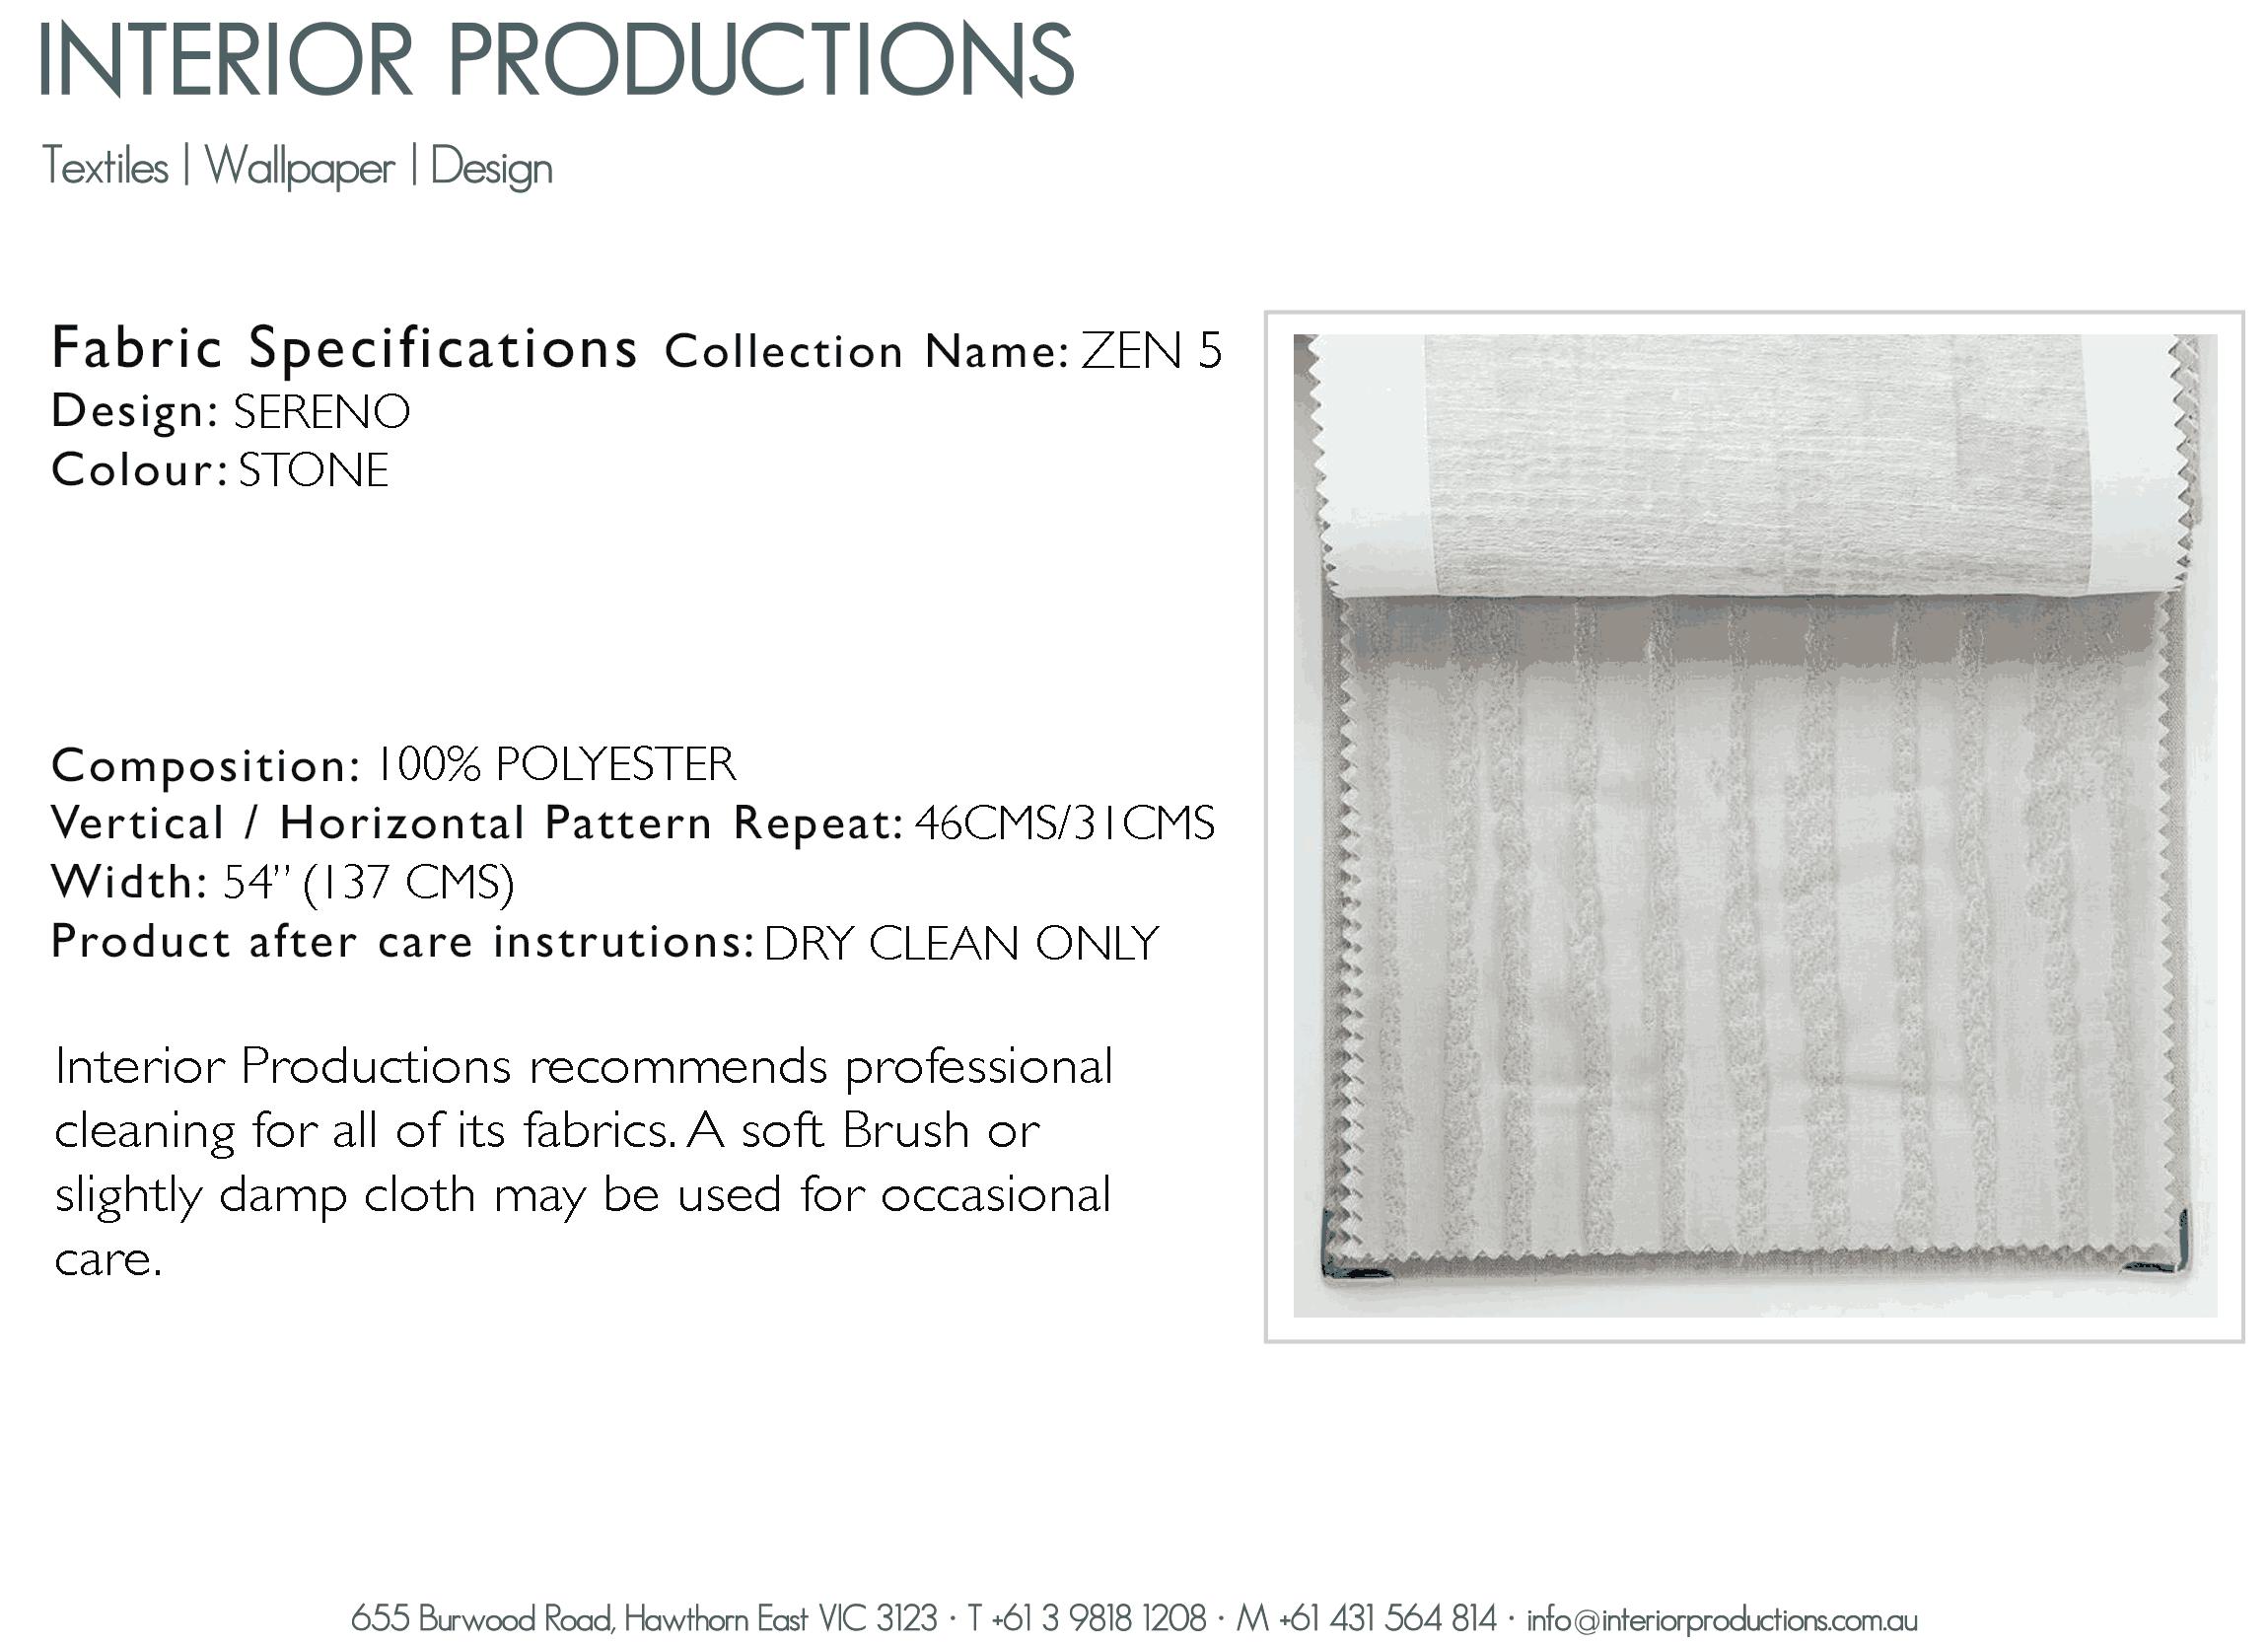 interior_productions_SERENO---STONE